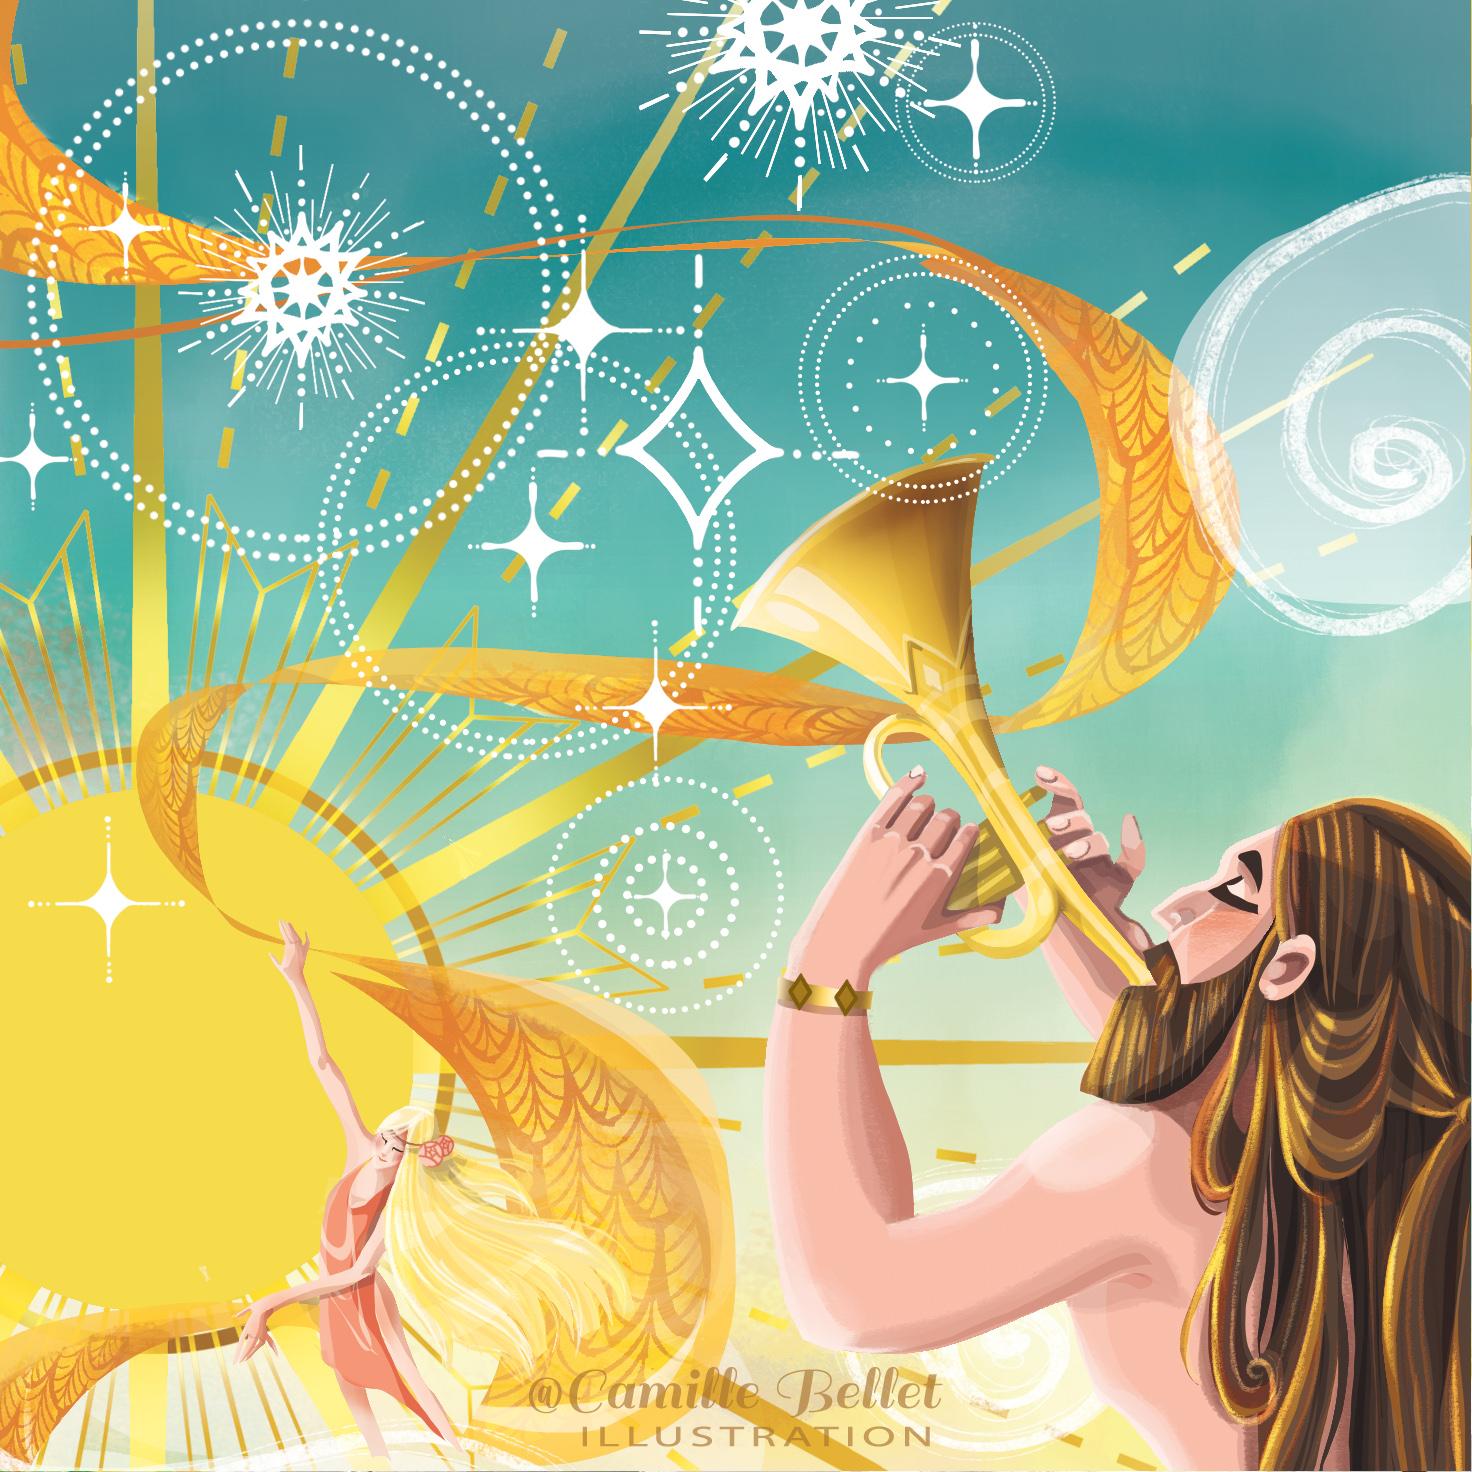 La trompette, La quête du cinquième roya